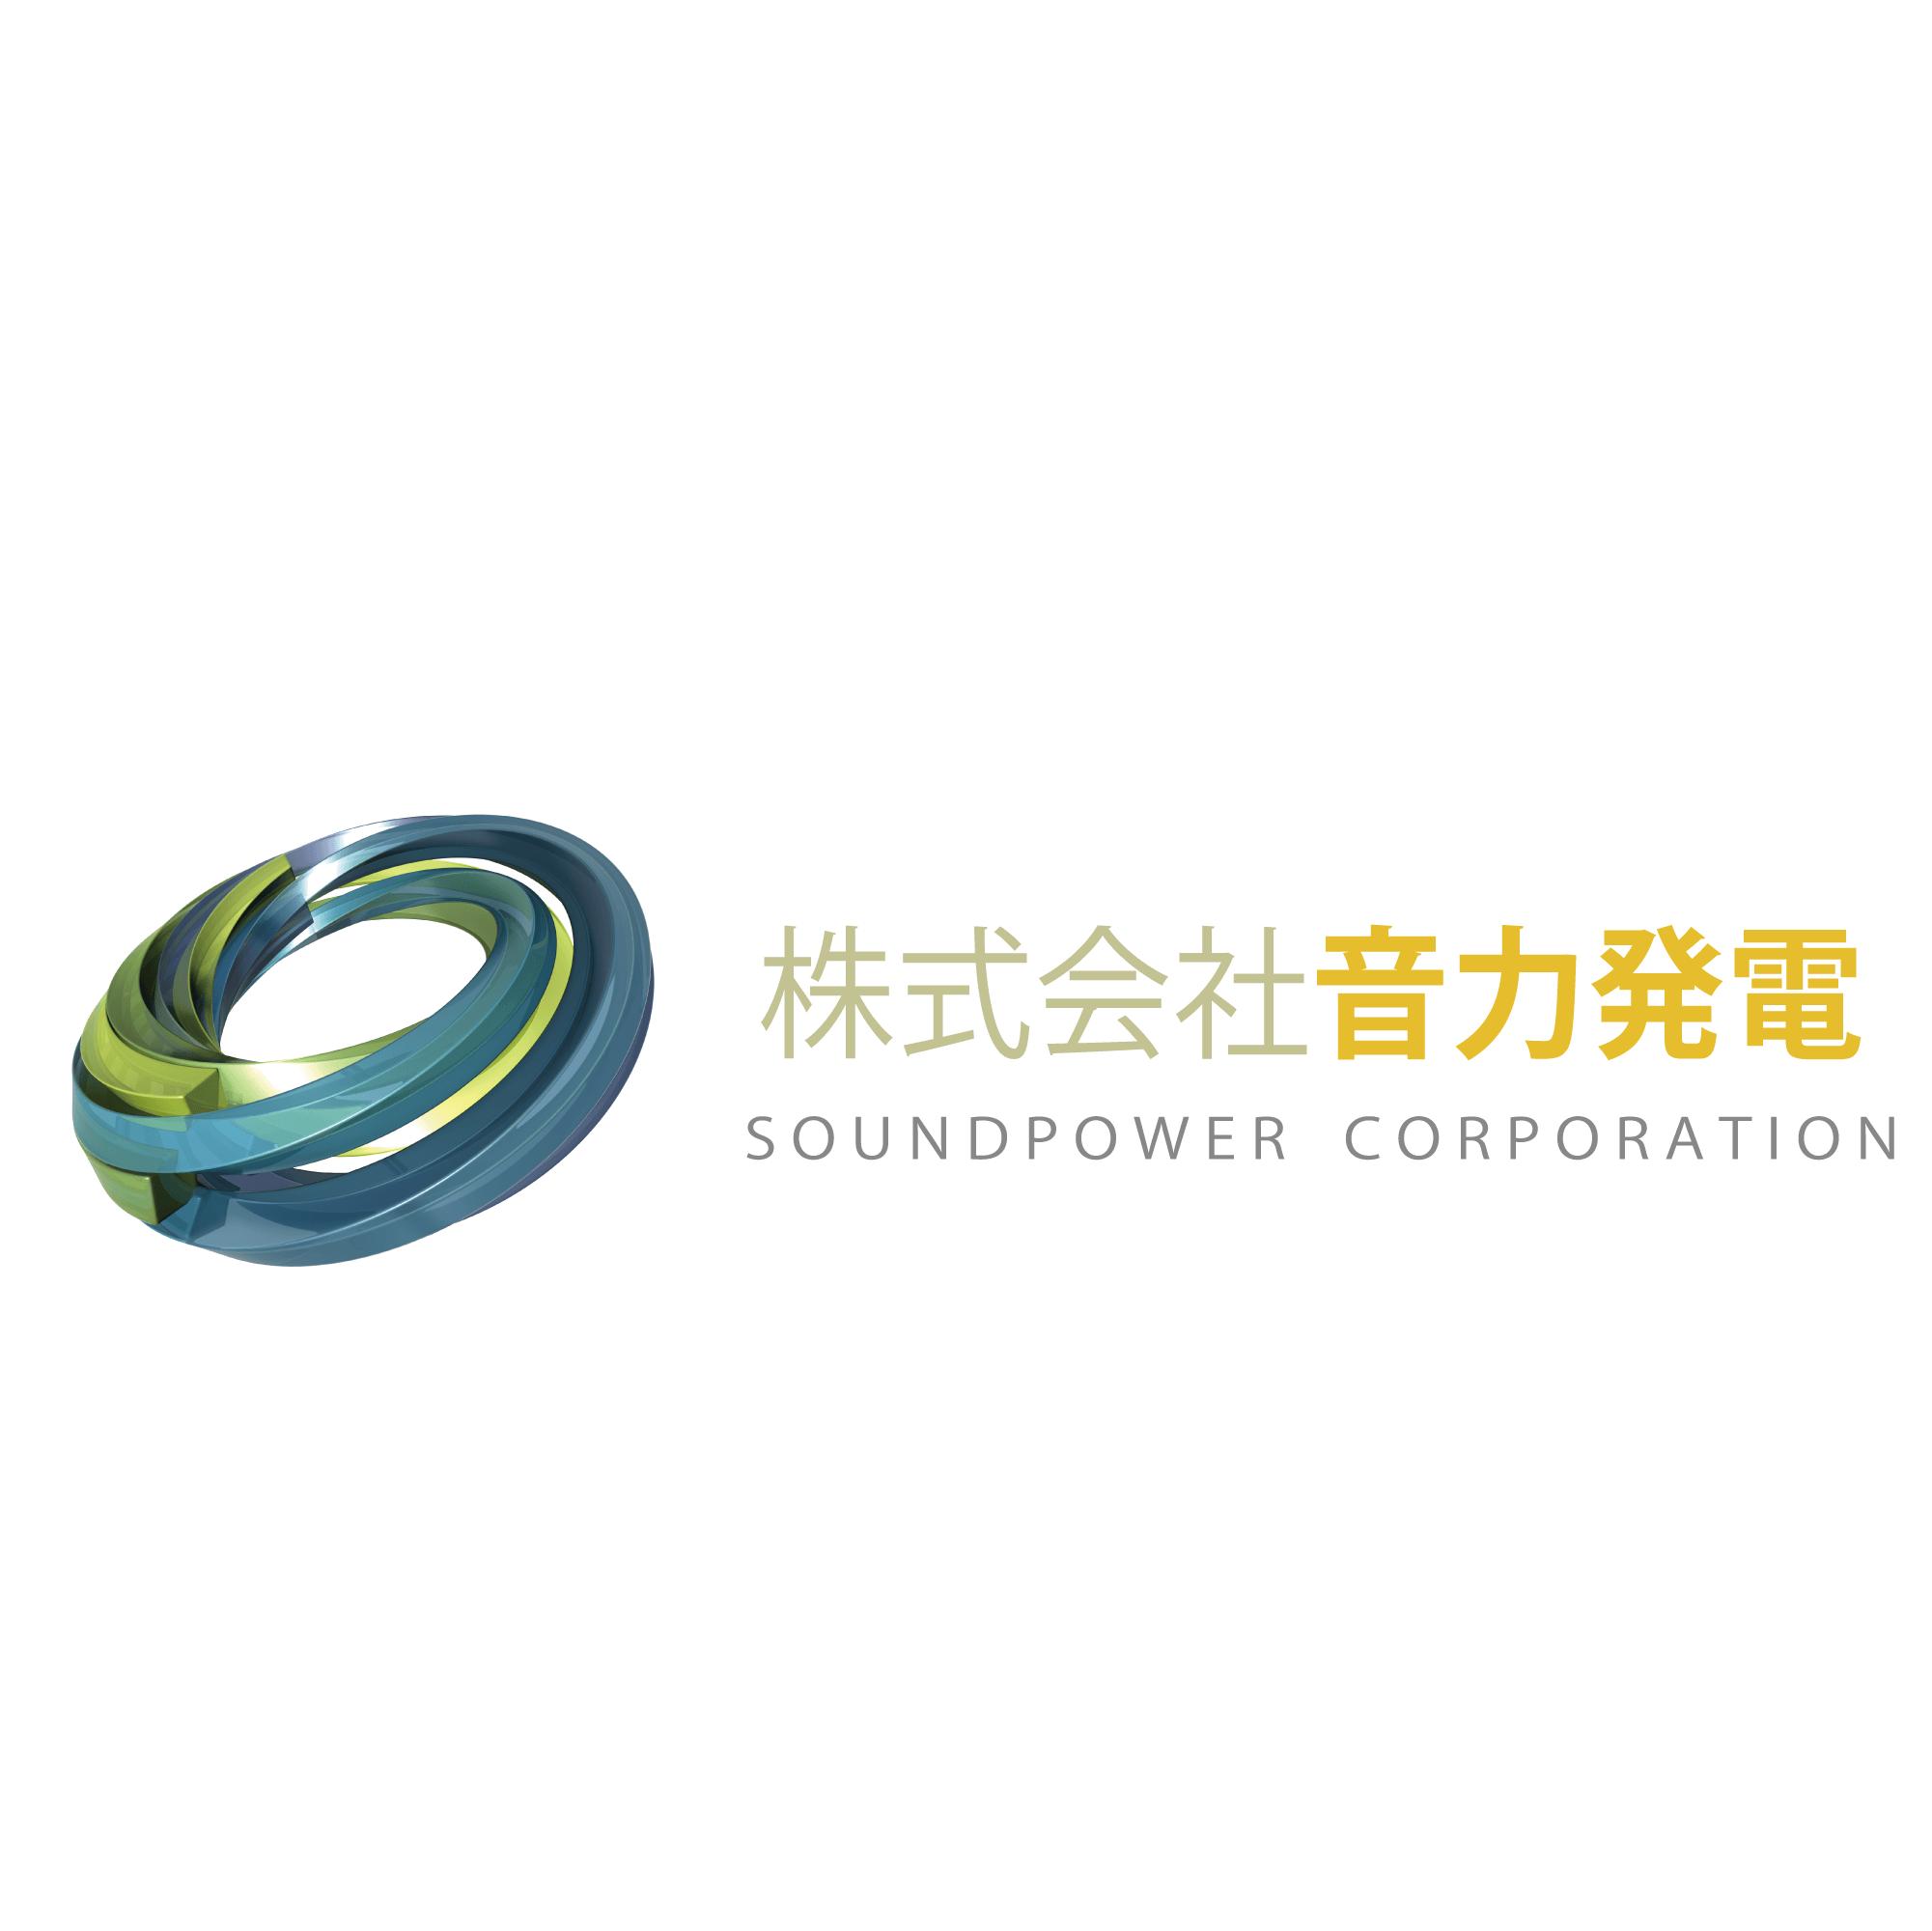 株式会社音力発電のイメージ